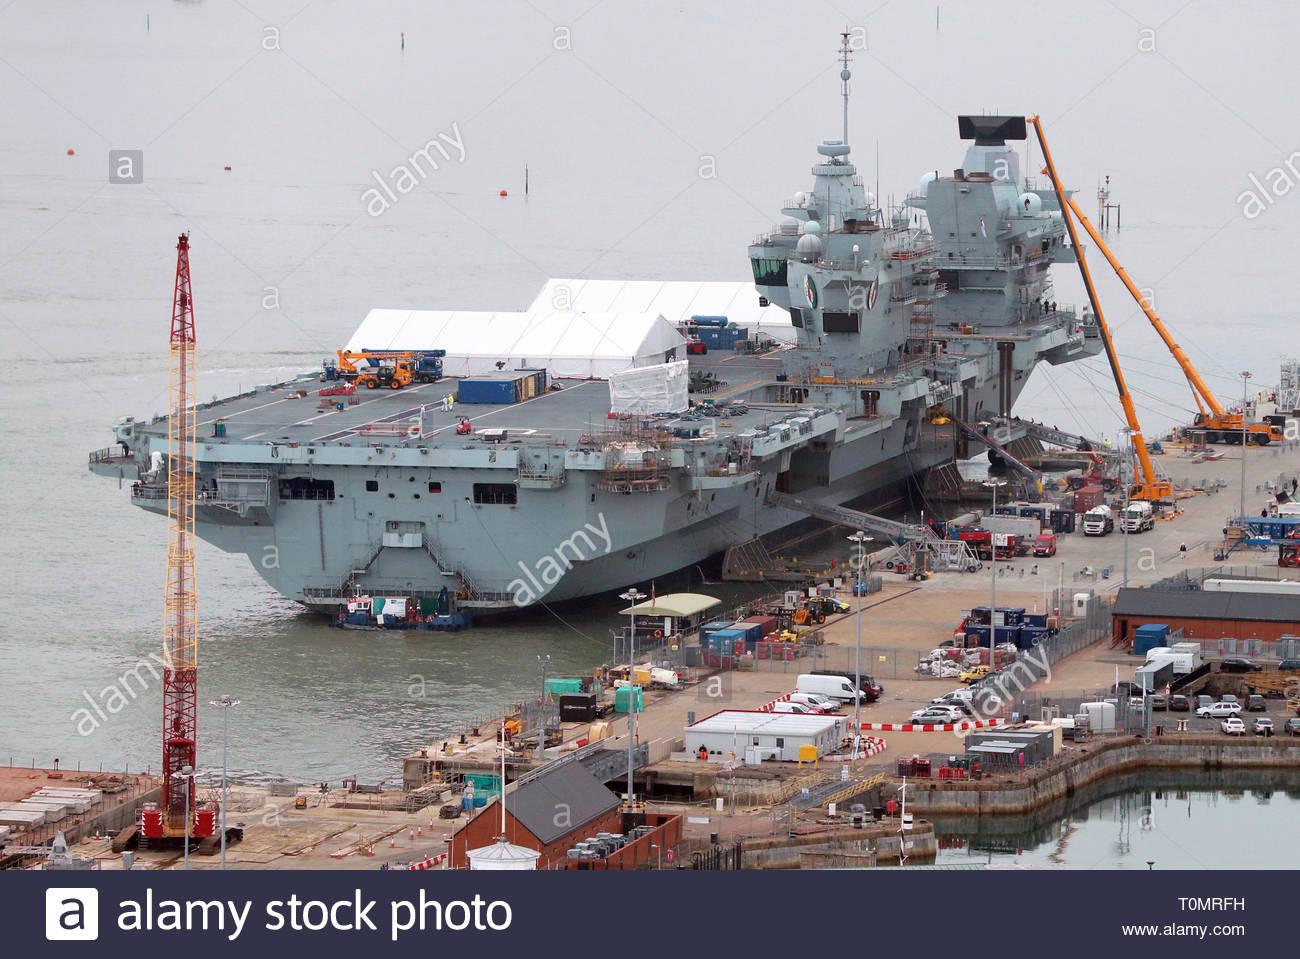 HMS Queen Elizabeth dockside at HMNB Portsmouth. - Stock Image